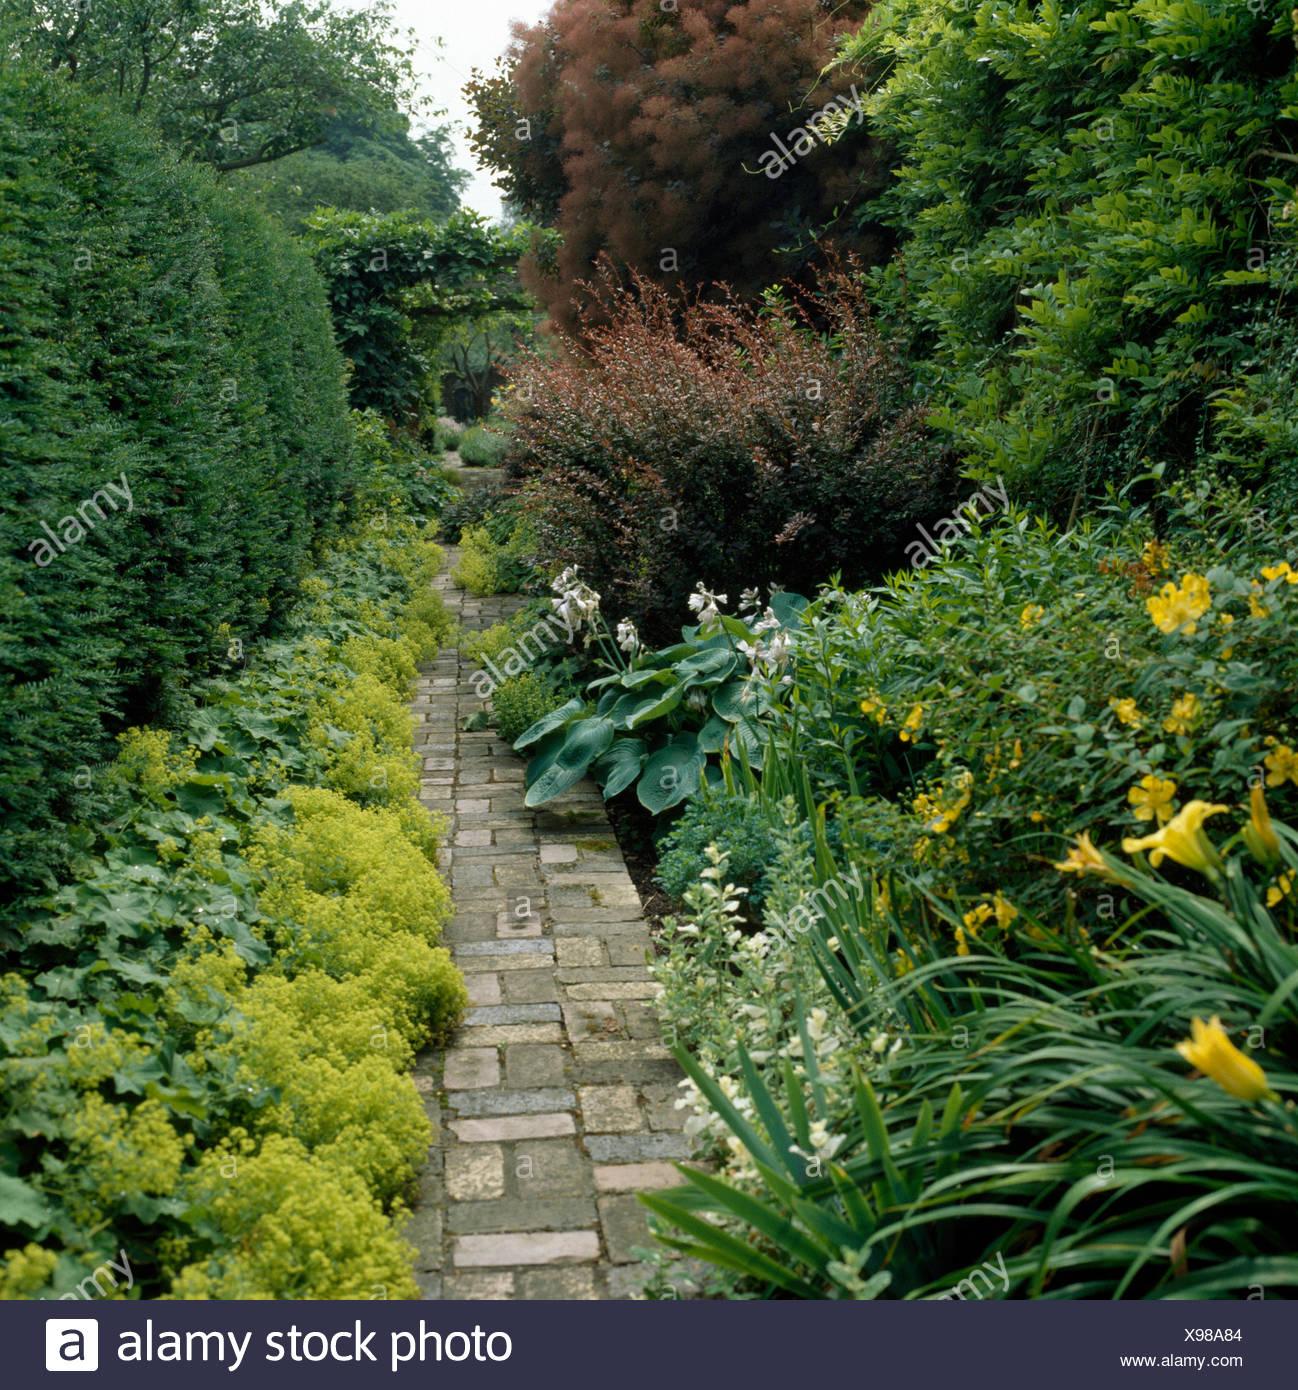 Sentiero lastricato attraverso le frontiere con Hemerocallis giallo e verde lime Alchemilla Mollis in un paese grande giardino Immagini Stock